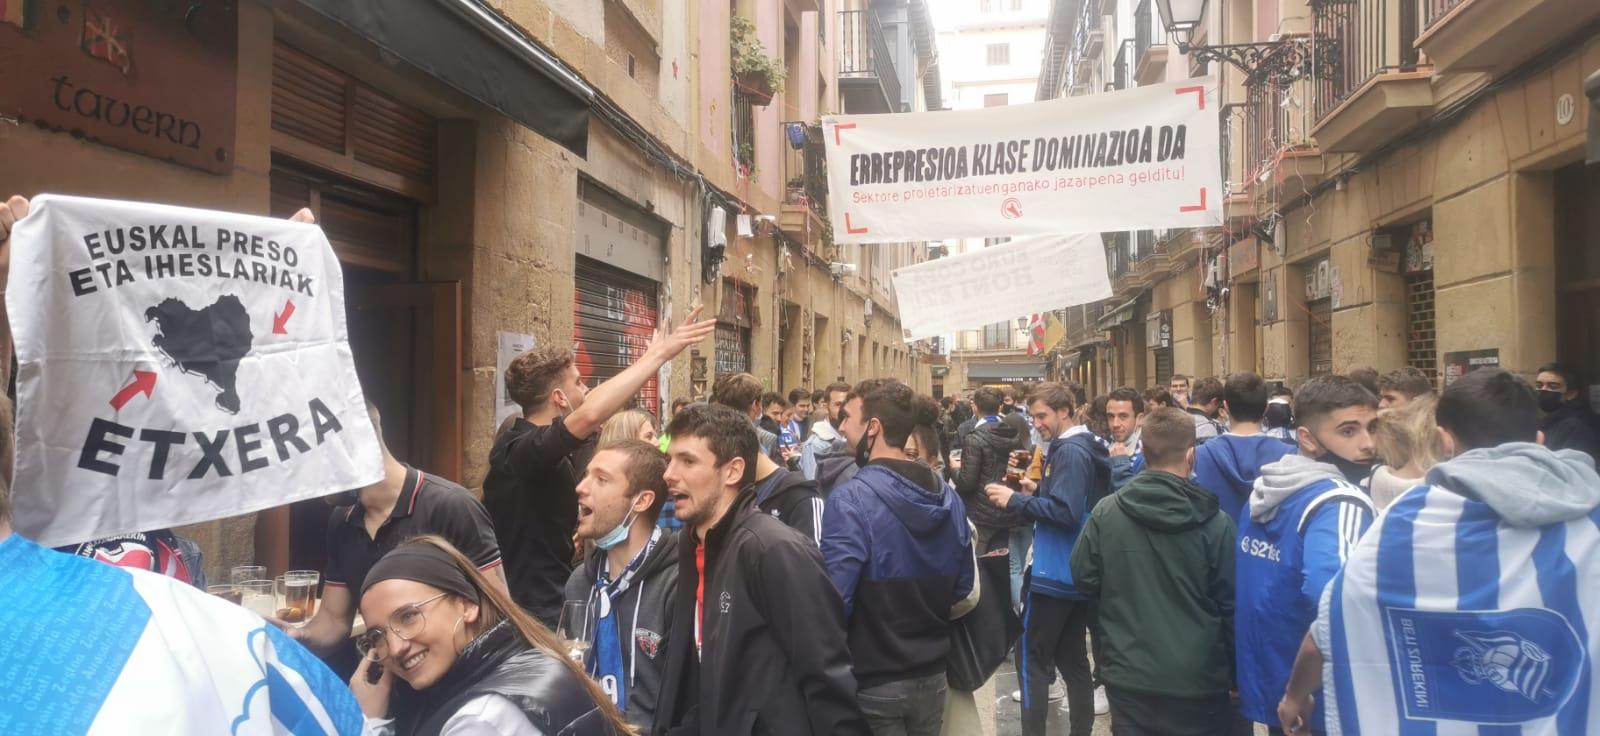 Els carrers de Donostia abans de la final | El Món